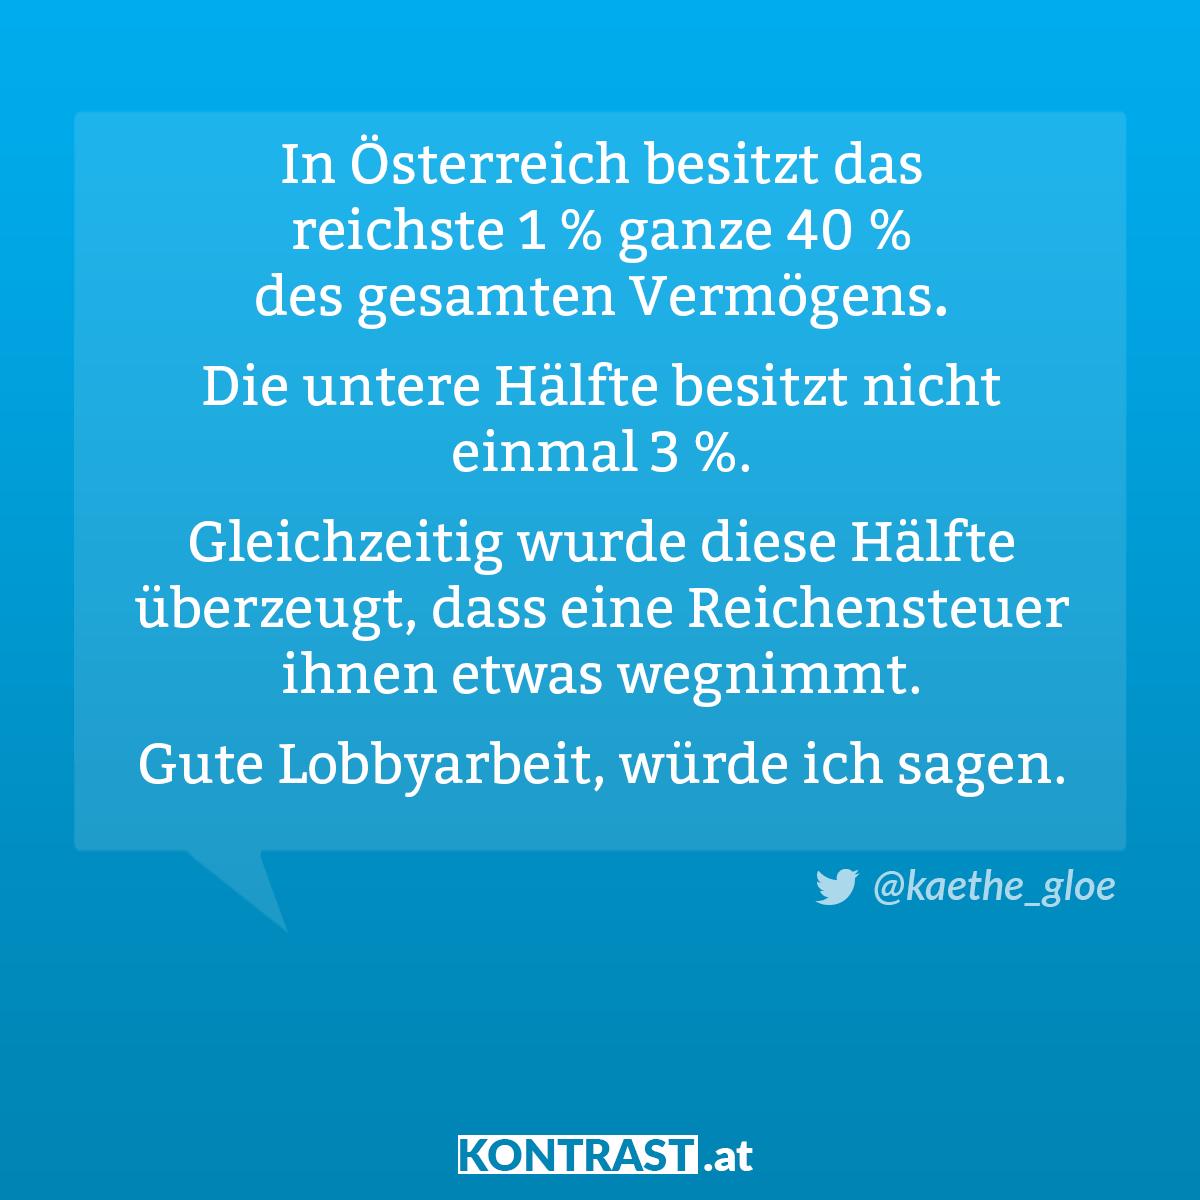 In Österreich ist Vermögen sehr sehr ungleich verteilt